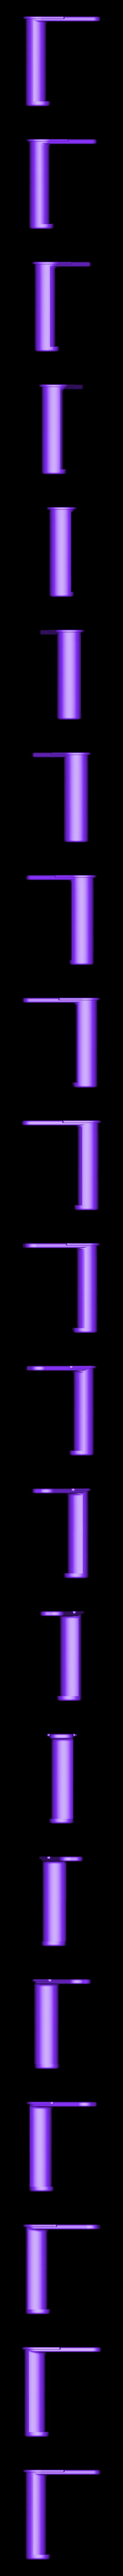 spool_holder_rod_v1.stl Télécharger fichier STL gratuit Support de bobine d'accès avant pour AFINIA / UP! PLUS • Design imprimable en 3D, CyberCyclist